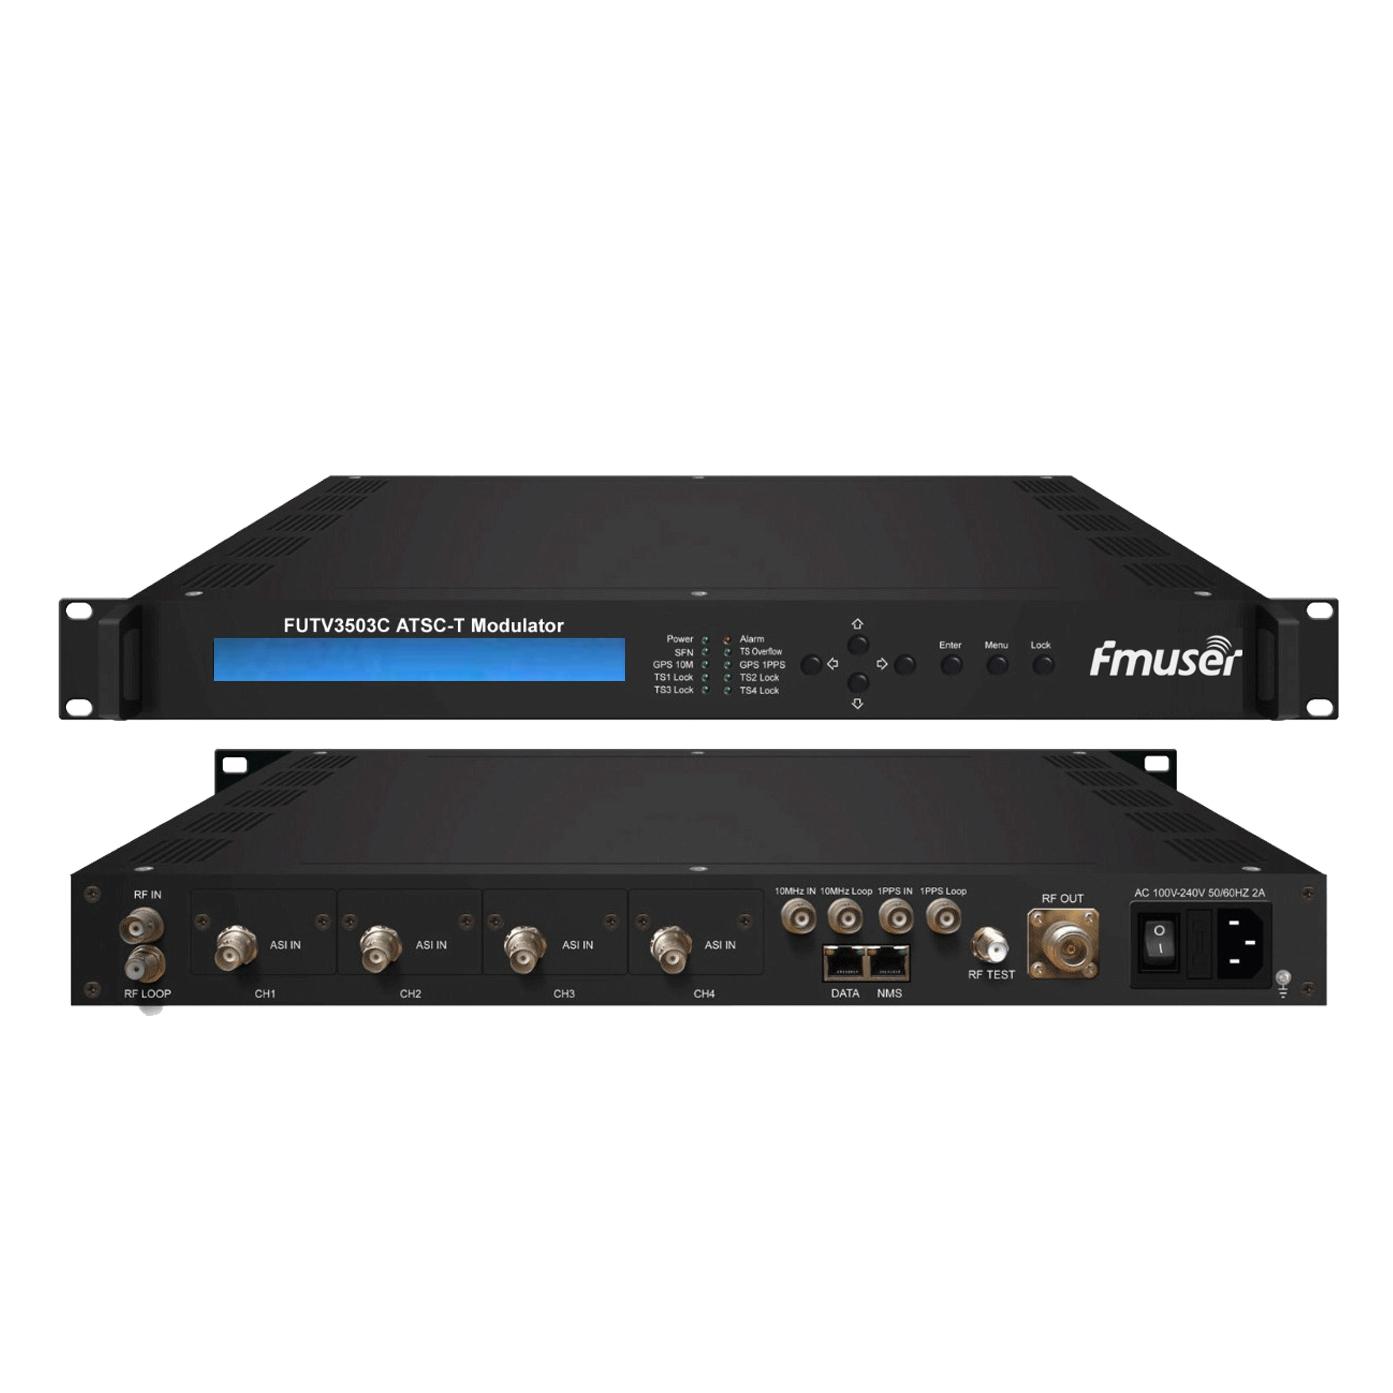 FMUSER FUTV3503C ATSC-T 8VSB modulador 8-VSB à modulação de RF (2 * Entrada 2M ASI / 310 * SMPTE, ontput RF, modulação ATSC 8VSB) com a gestão da rede